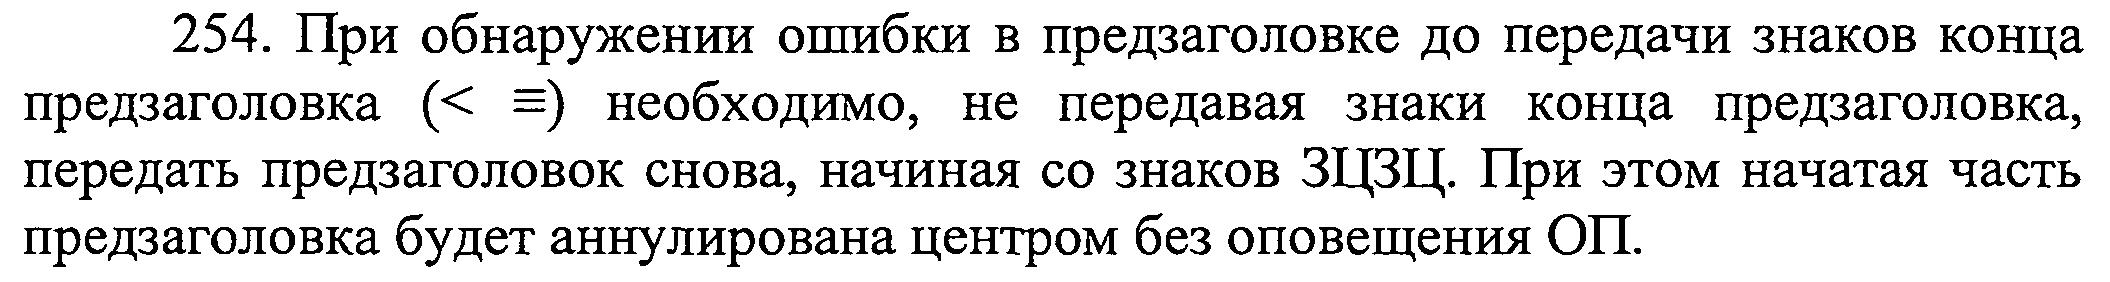 ПУНКТ 254 (К ПРИКАЗУ МИНИНФОРМСВЯЗИ РОССИИ ОТ 11.09.2007 N 108)